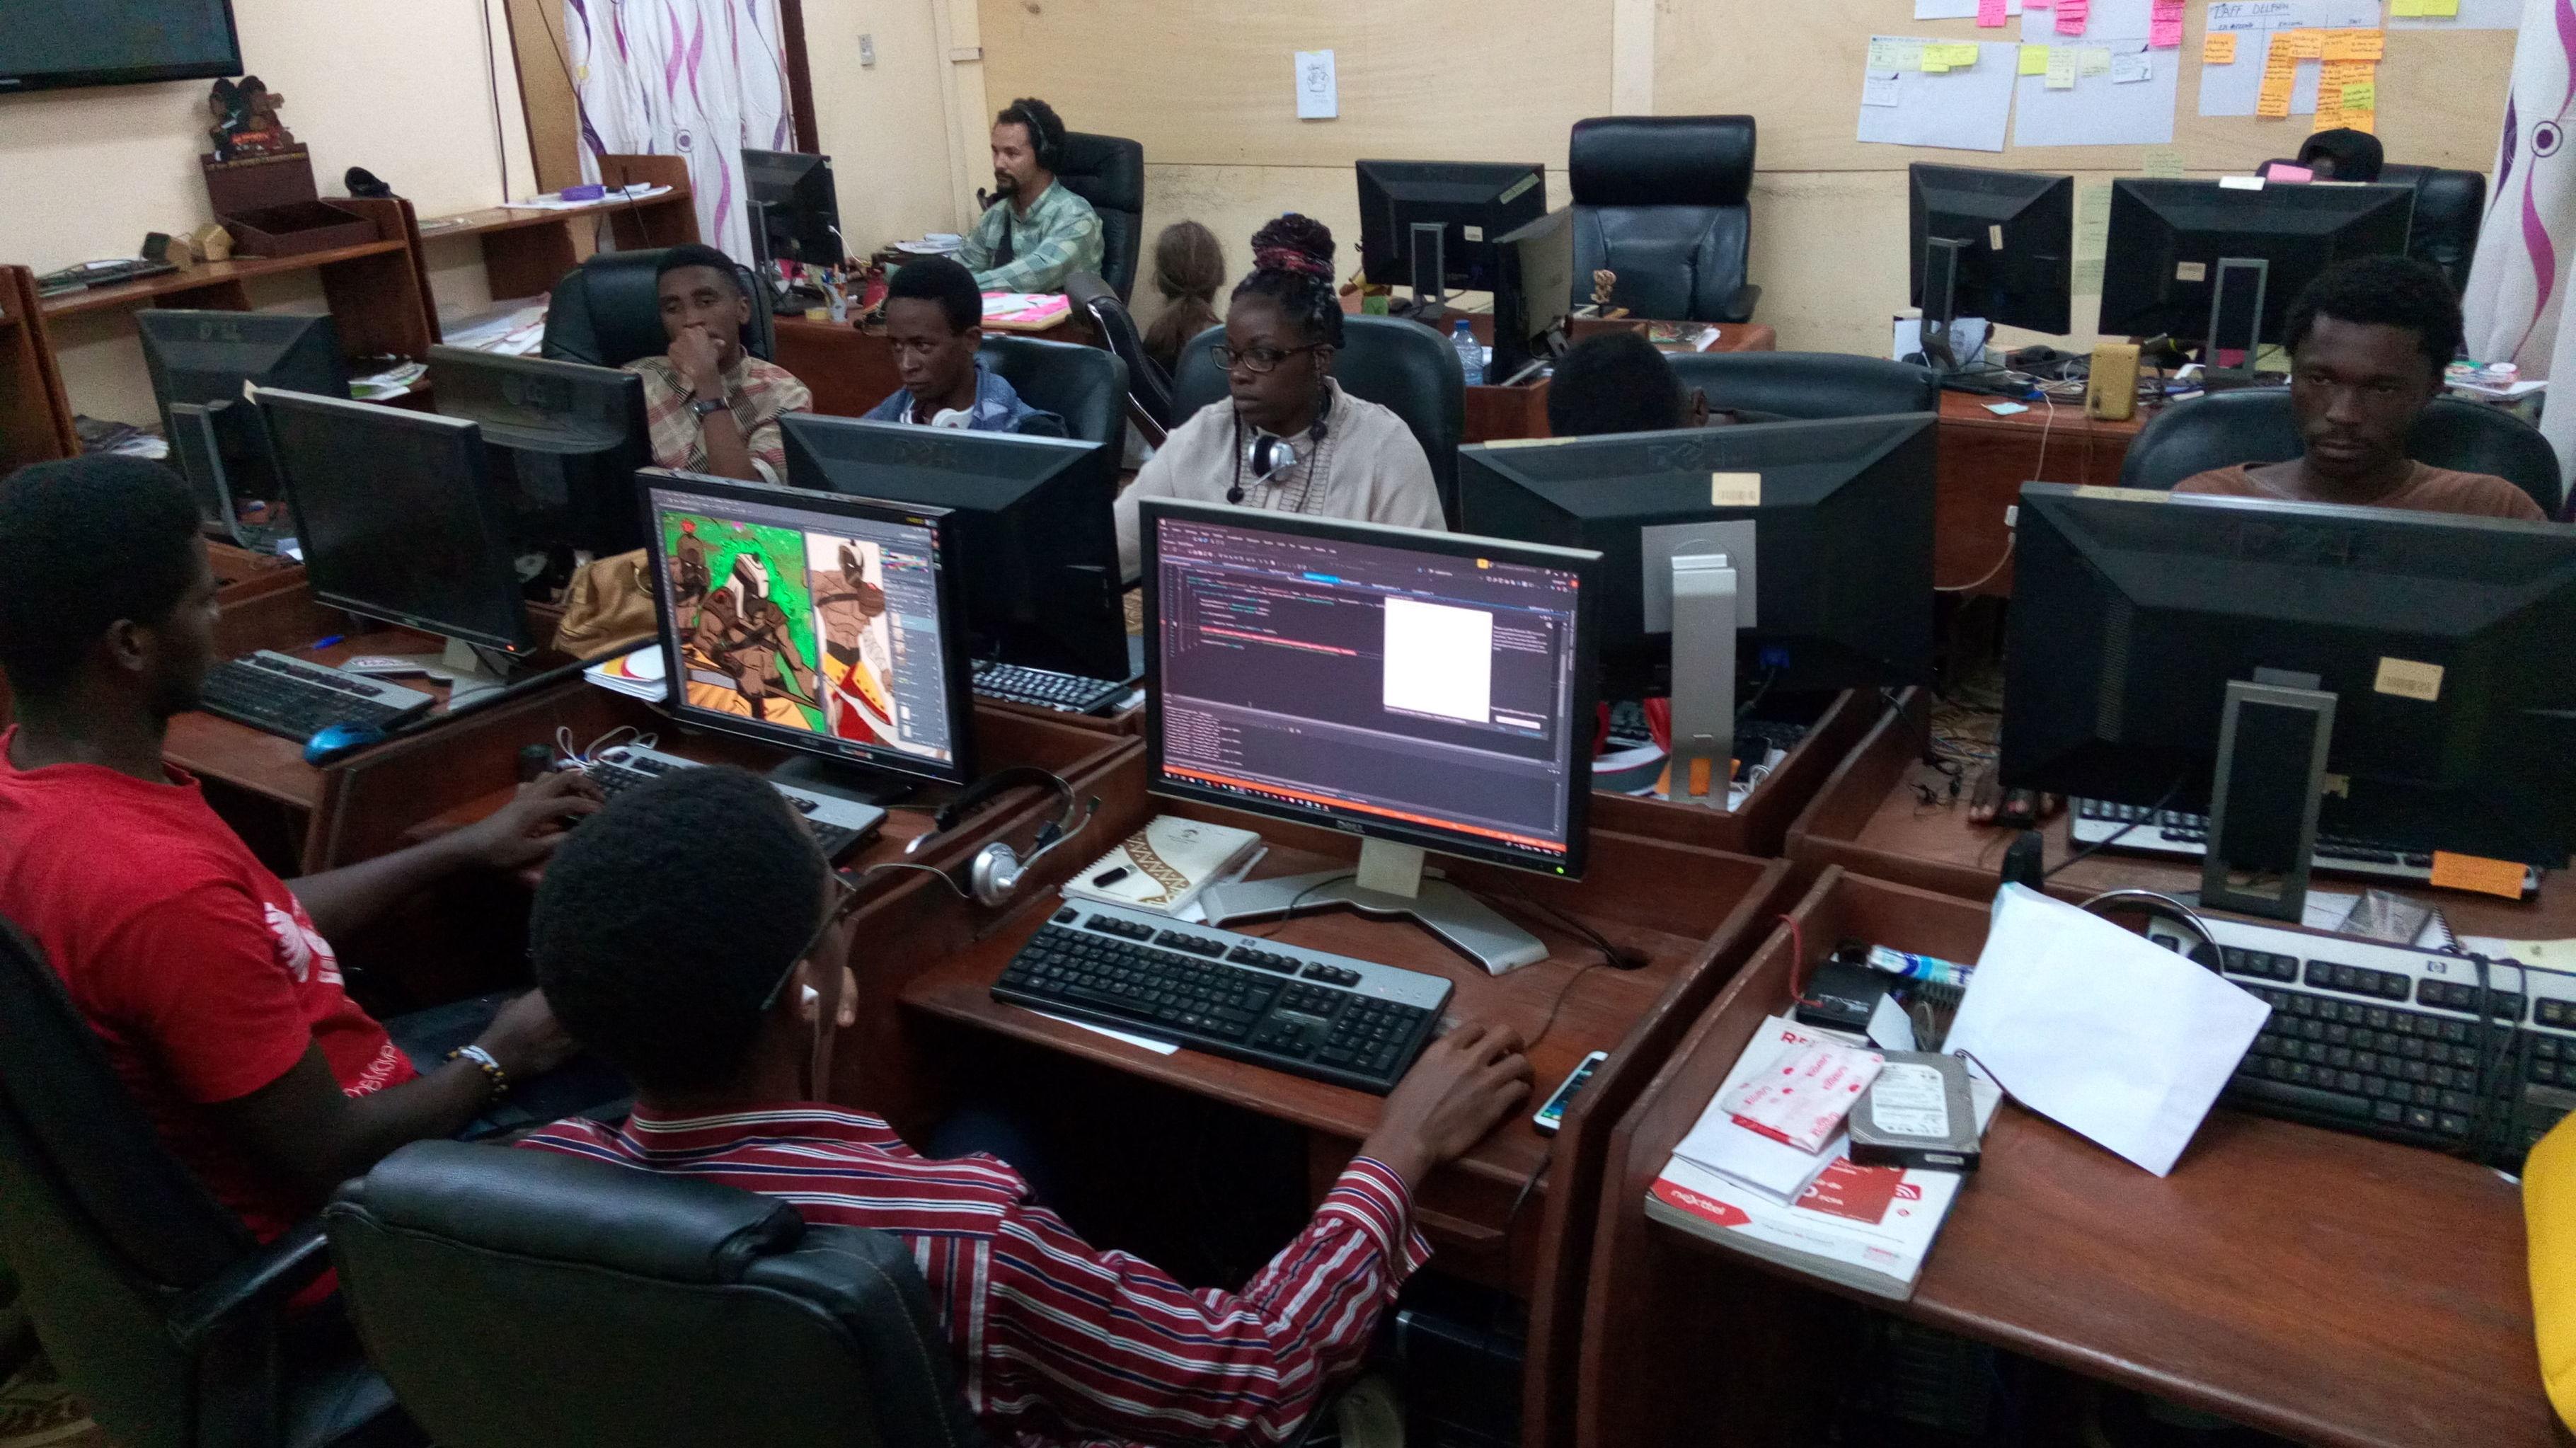 Les équipes de développeurs à l'œuvre au studio Kiro'o games